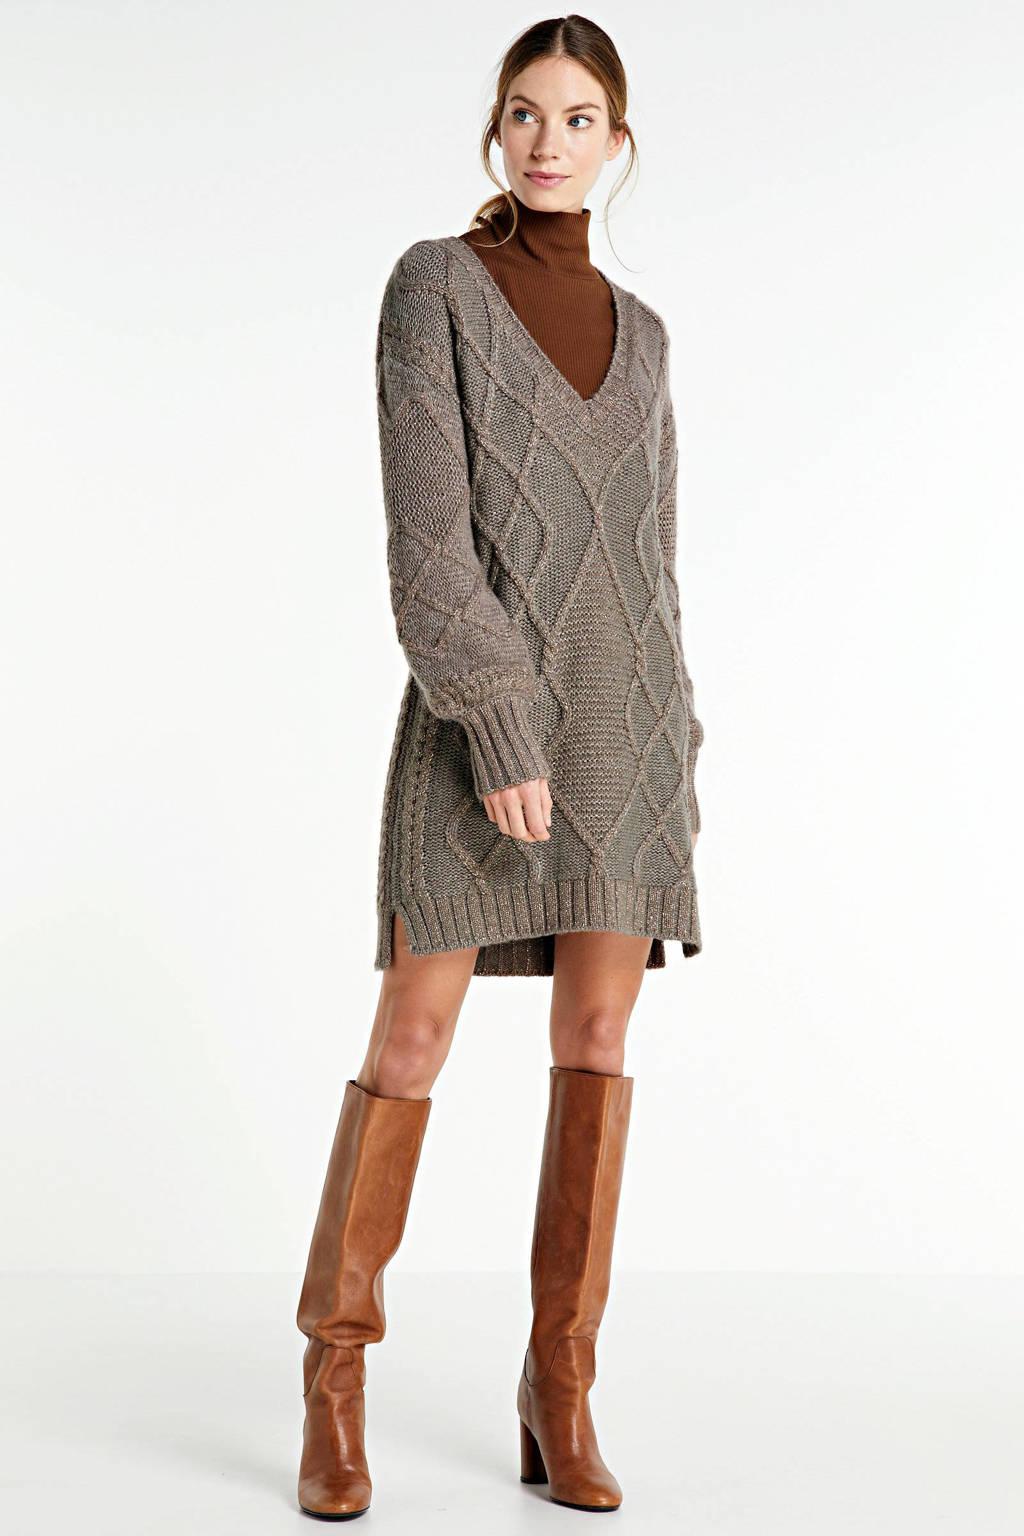 JOSH V gebreide jurk RONIE met wol bruin, Bruin